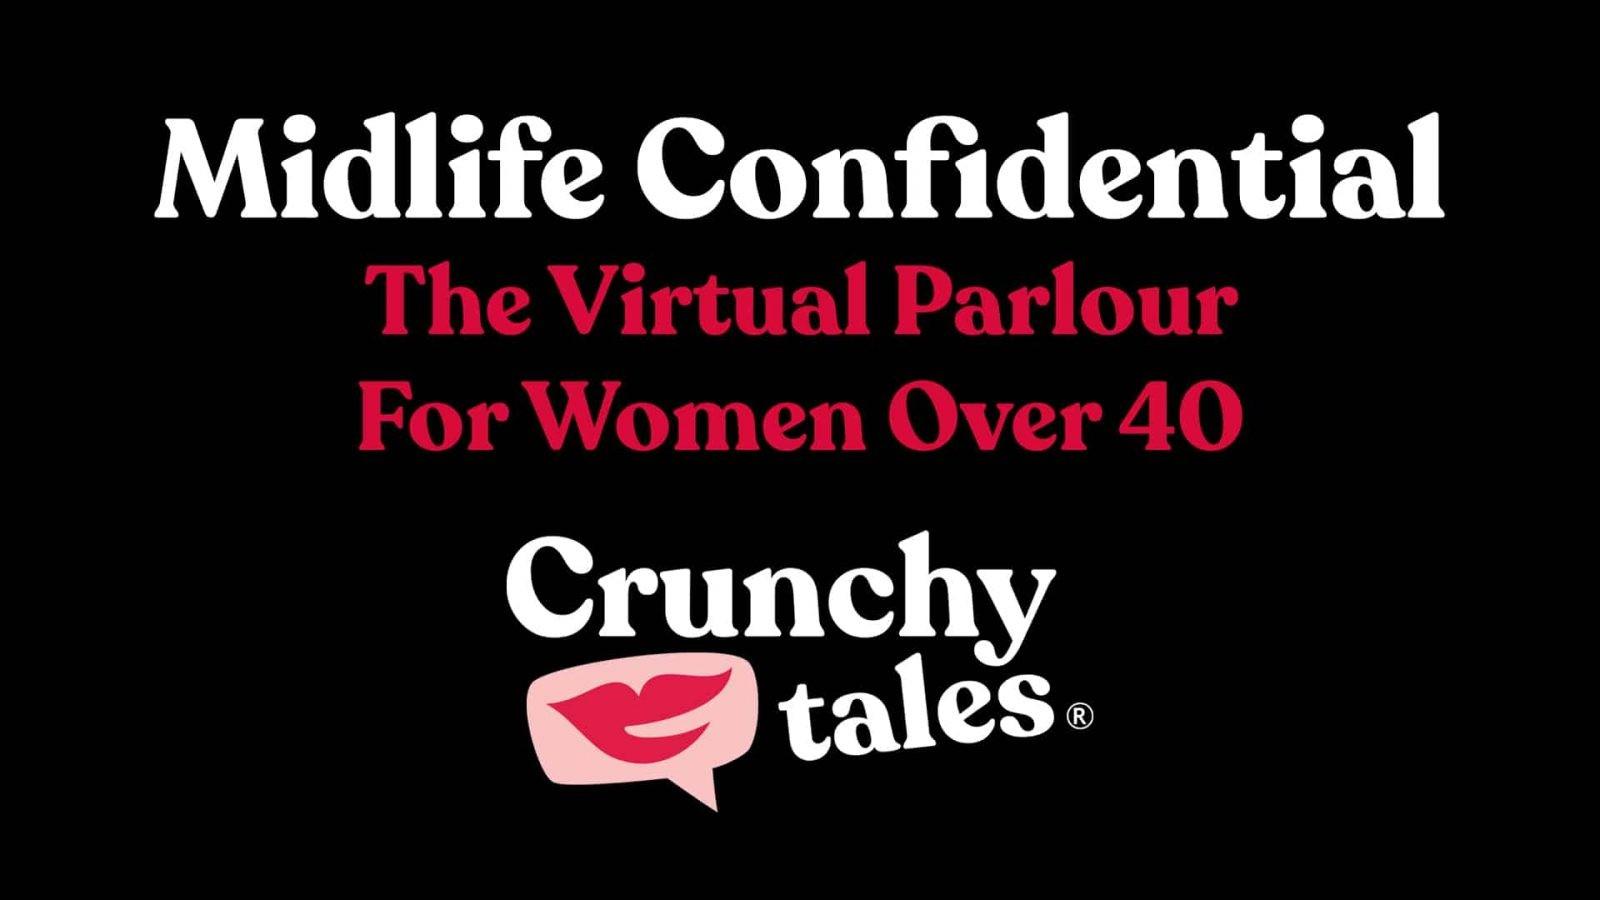 Midlife Confidential | CrunchyTales.com